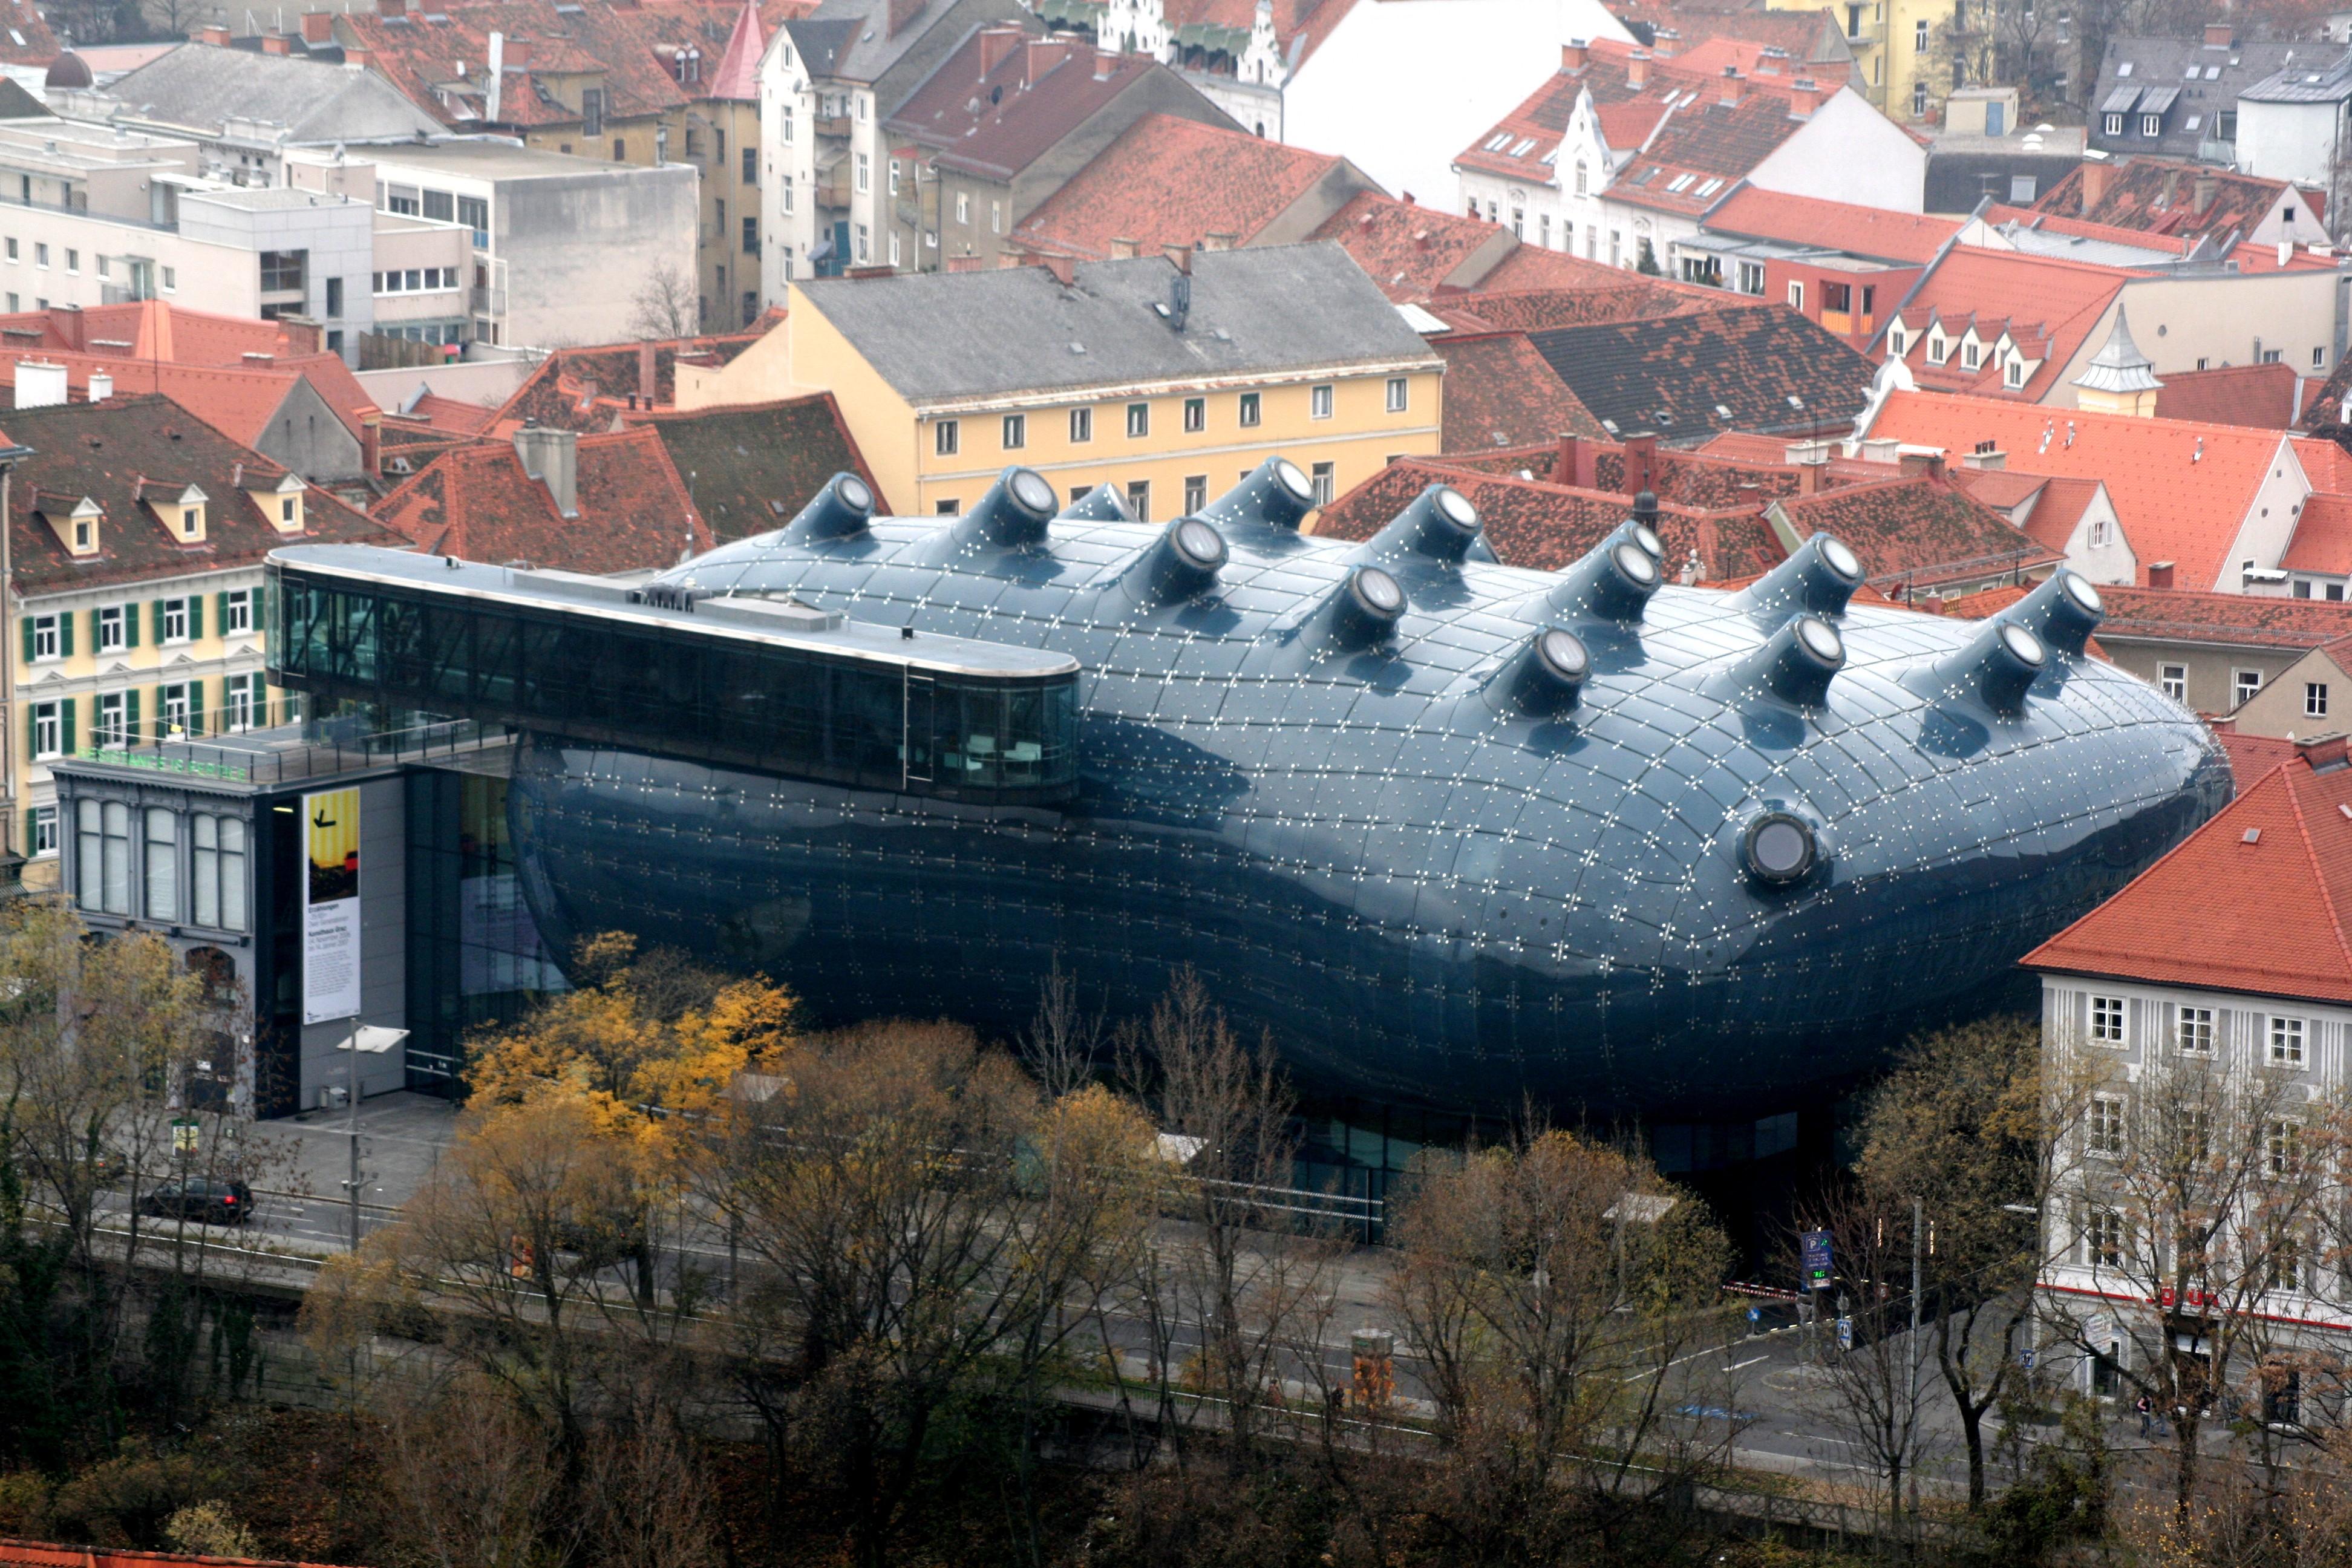 Kunsthaus Graz - Wikipedia